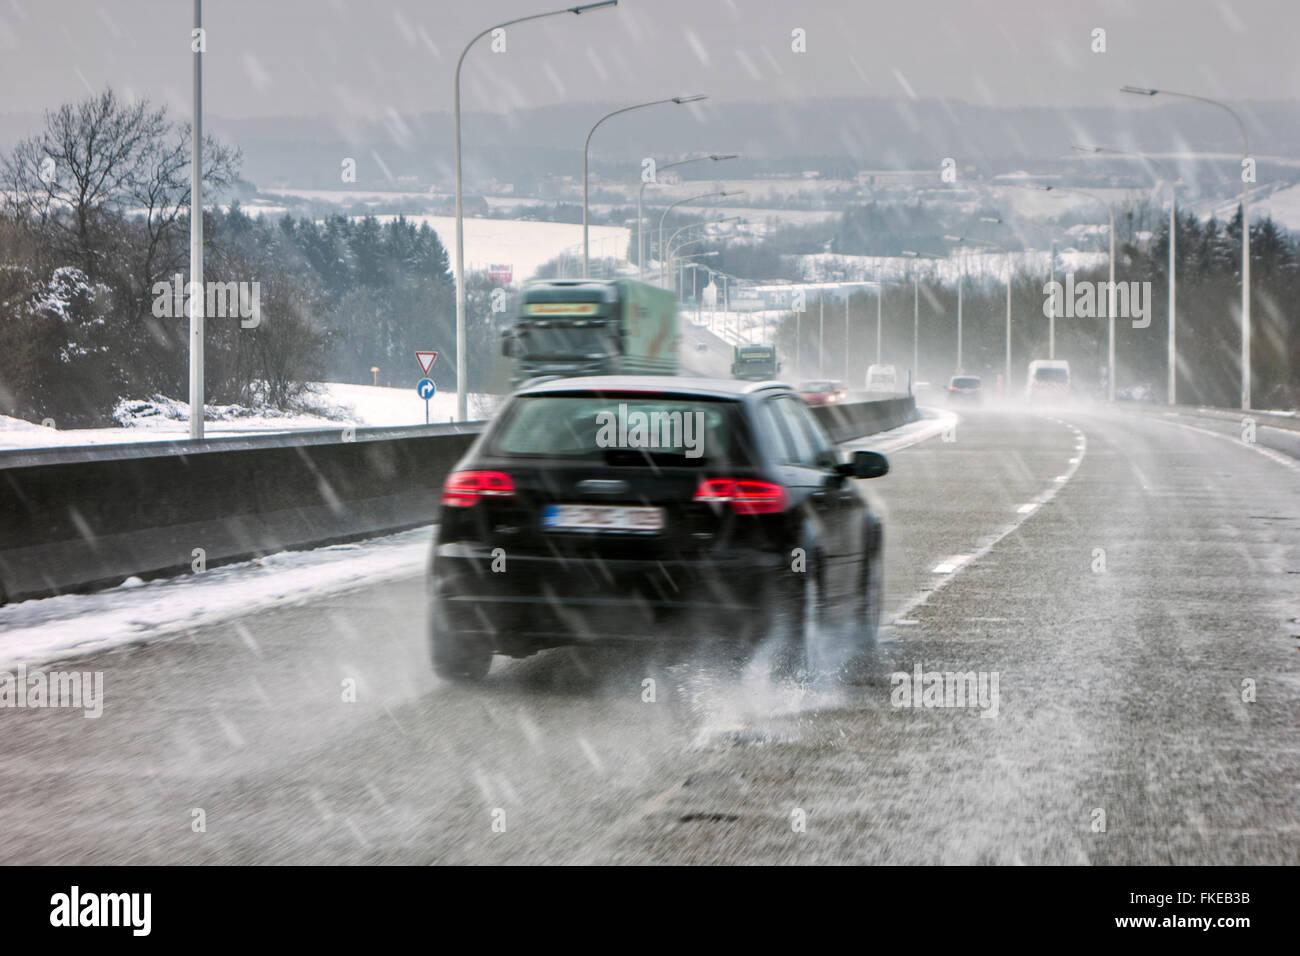 Automóviles circulando en carretera resbaladiza durante el aguanieve causando heladas peligrosas condiciones Imagen De Stock